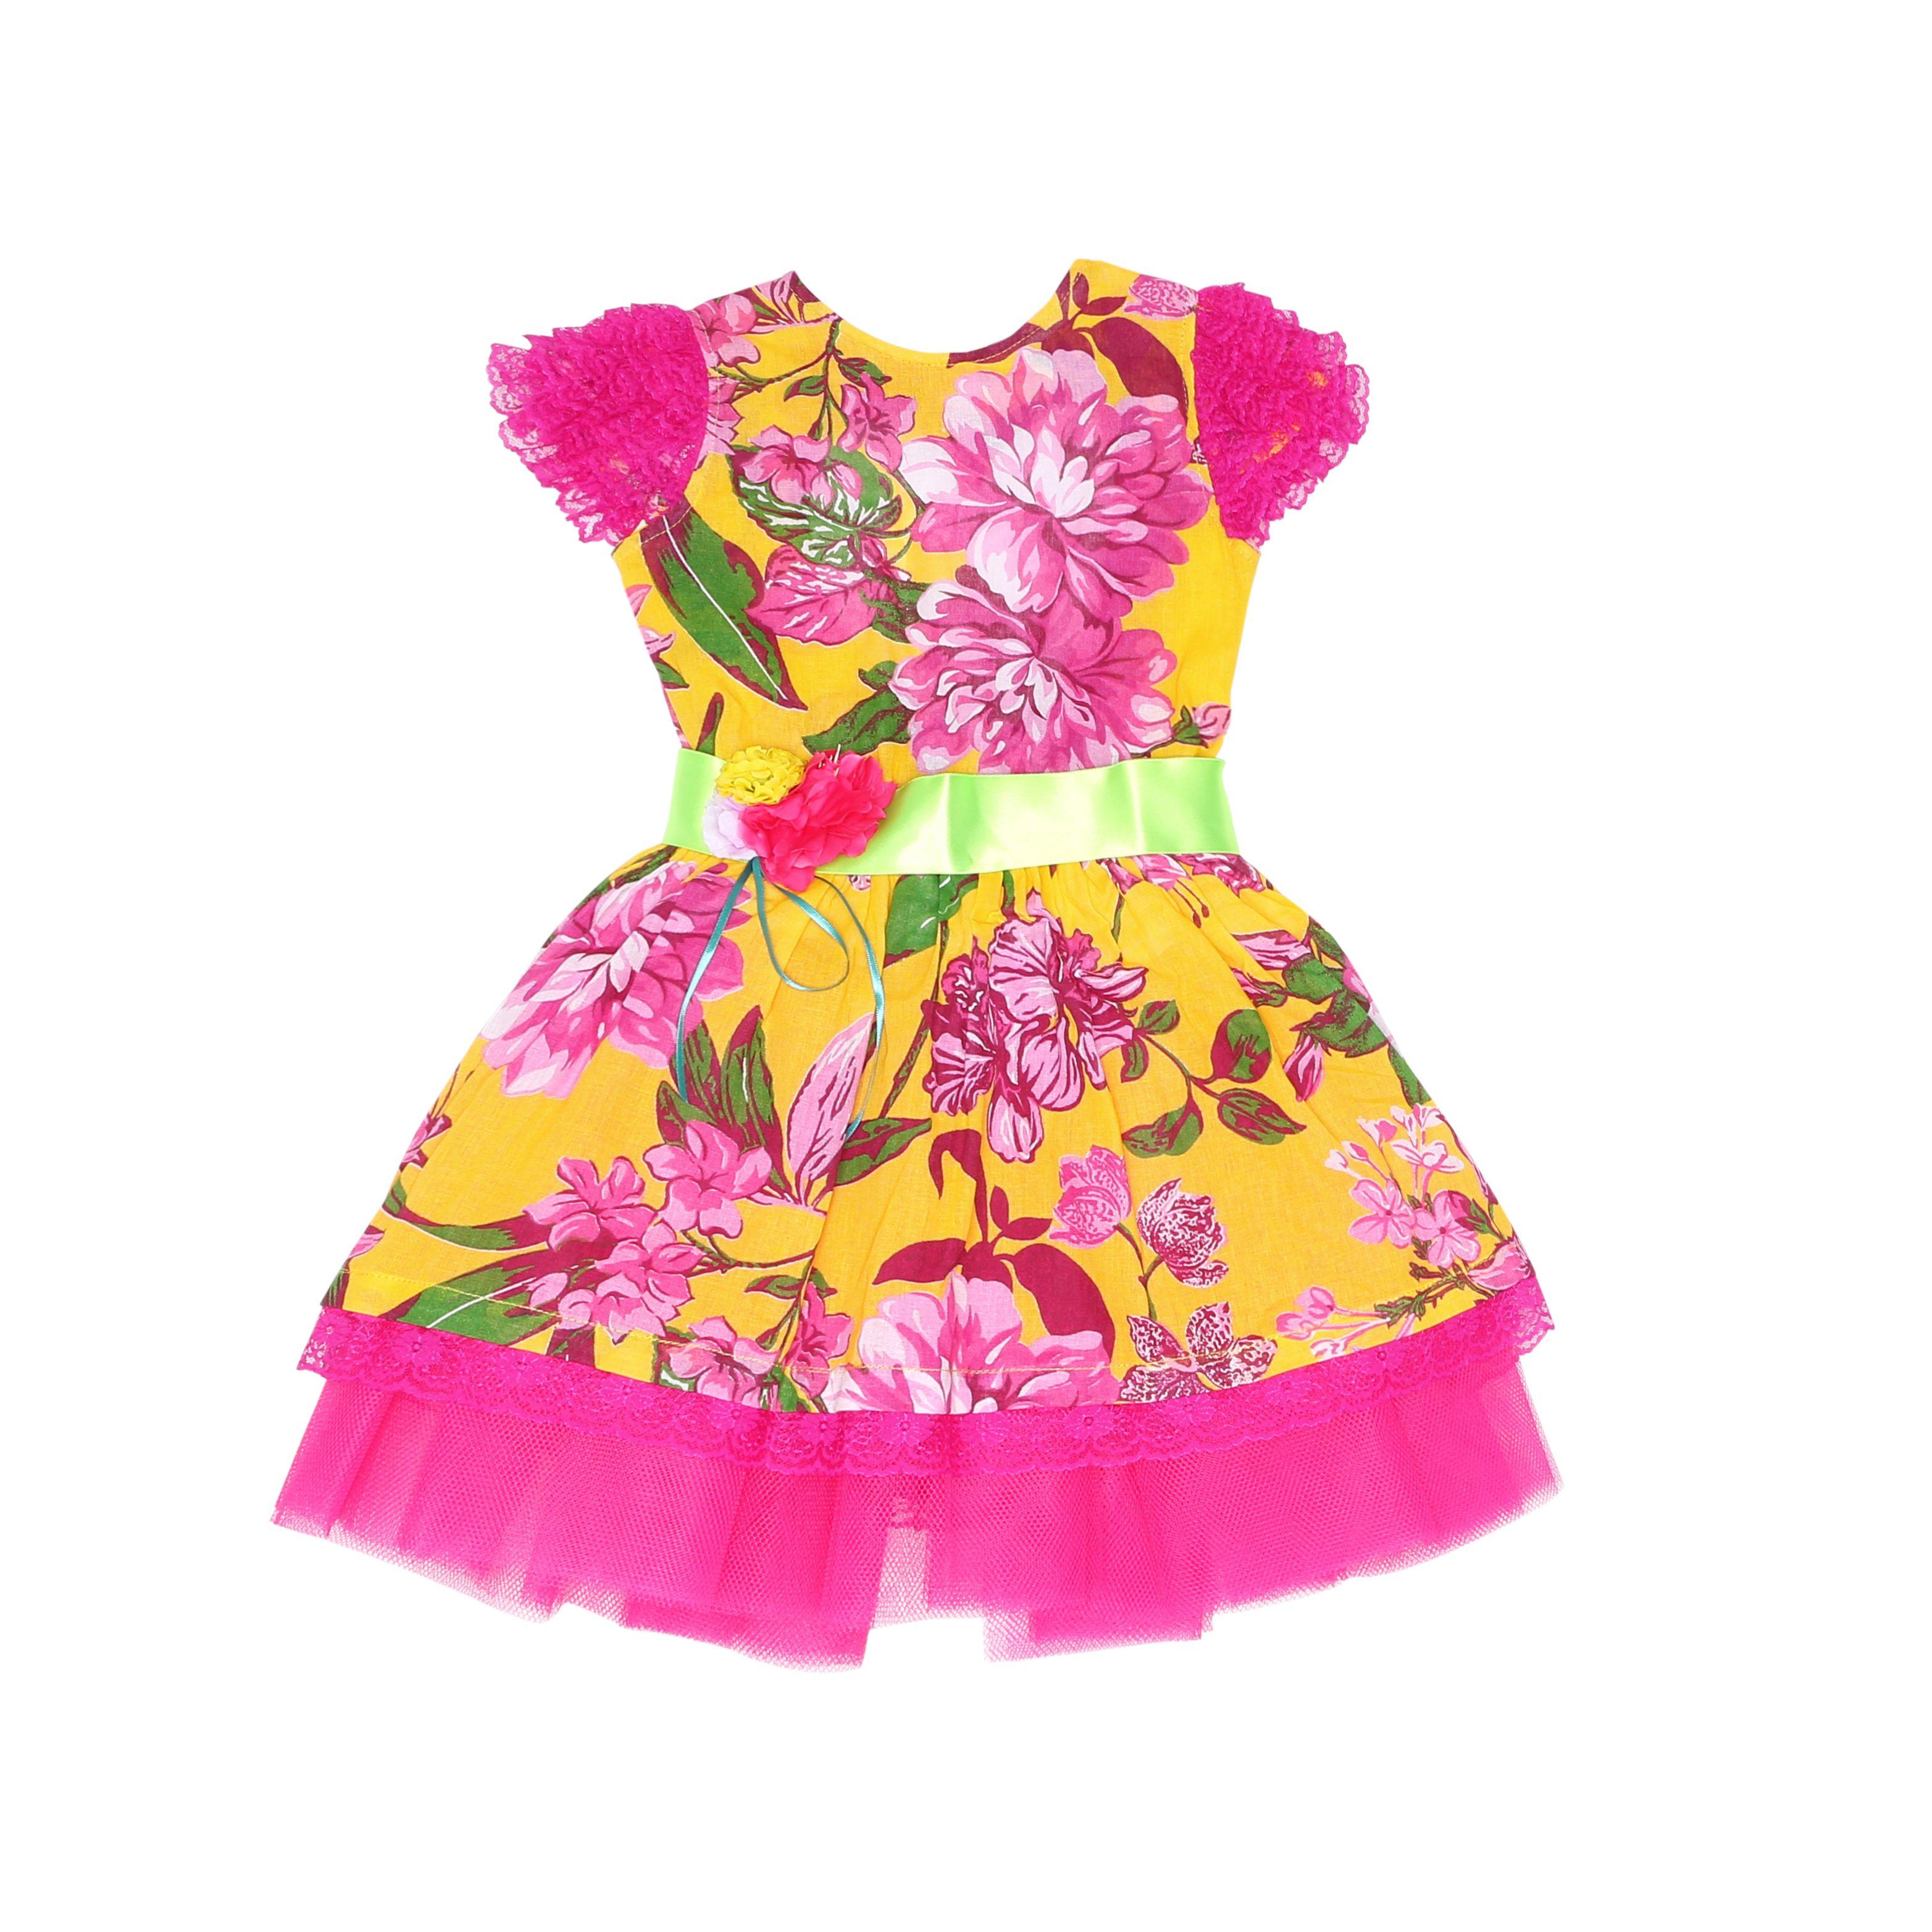 e1aa094f8 Vestido tecido chita fundo amarelo e estampa em flores grandes pink 100%  algodão. Saia